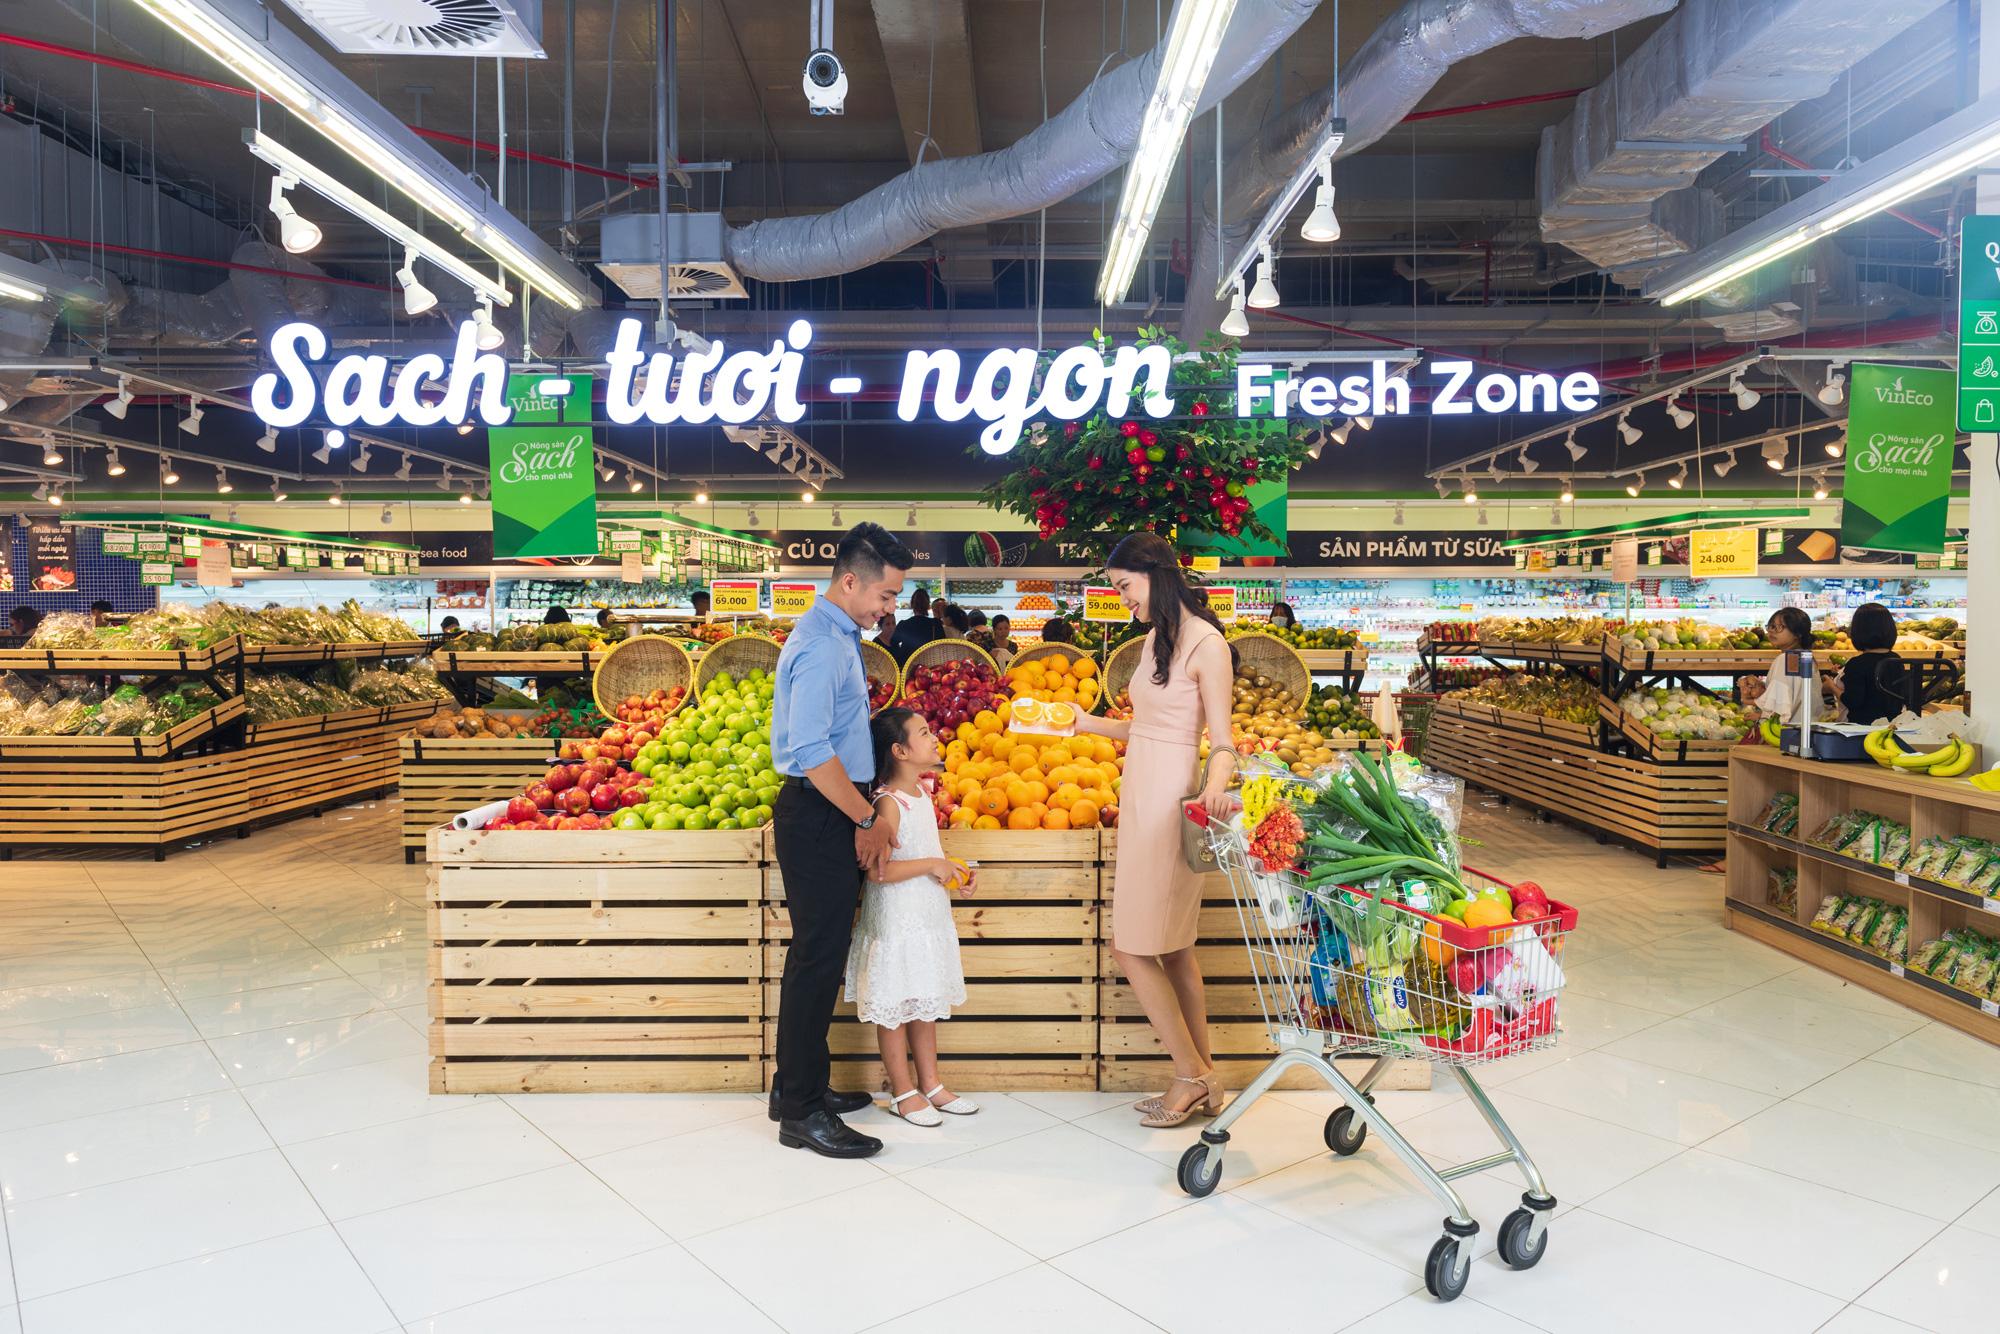 Masan tiết lộ chìa khóa để trở thành 50 nhà tiêu dùng- bán lẻ hàng đầu thế giới - Ảnh 6.